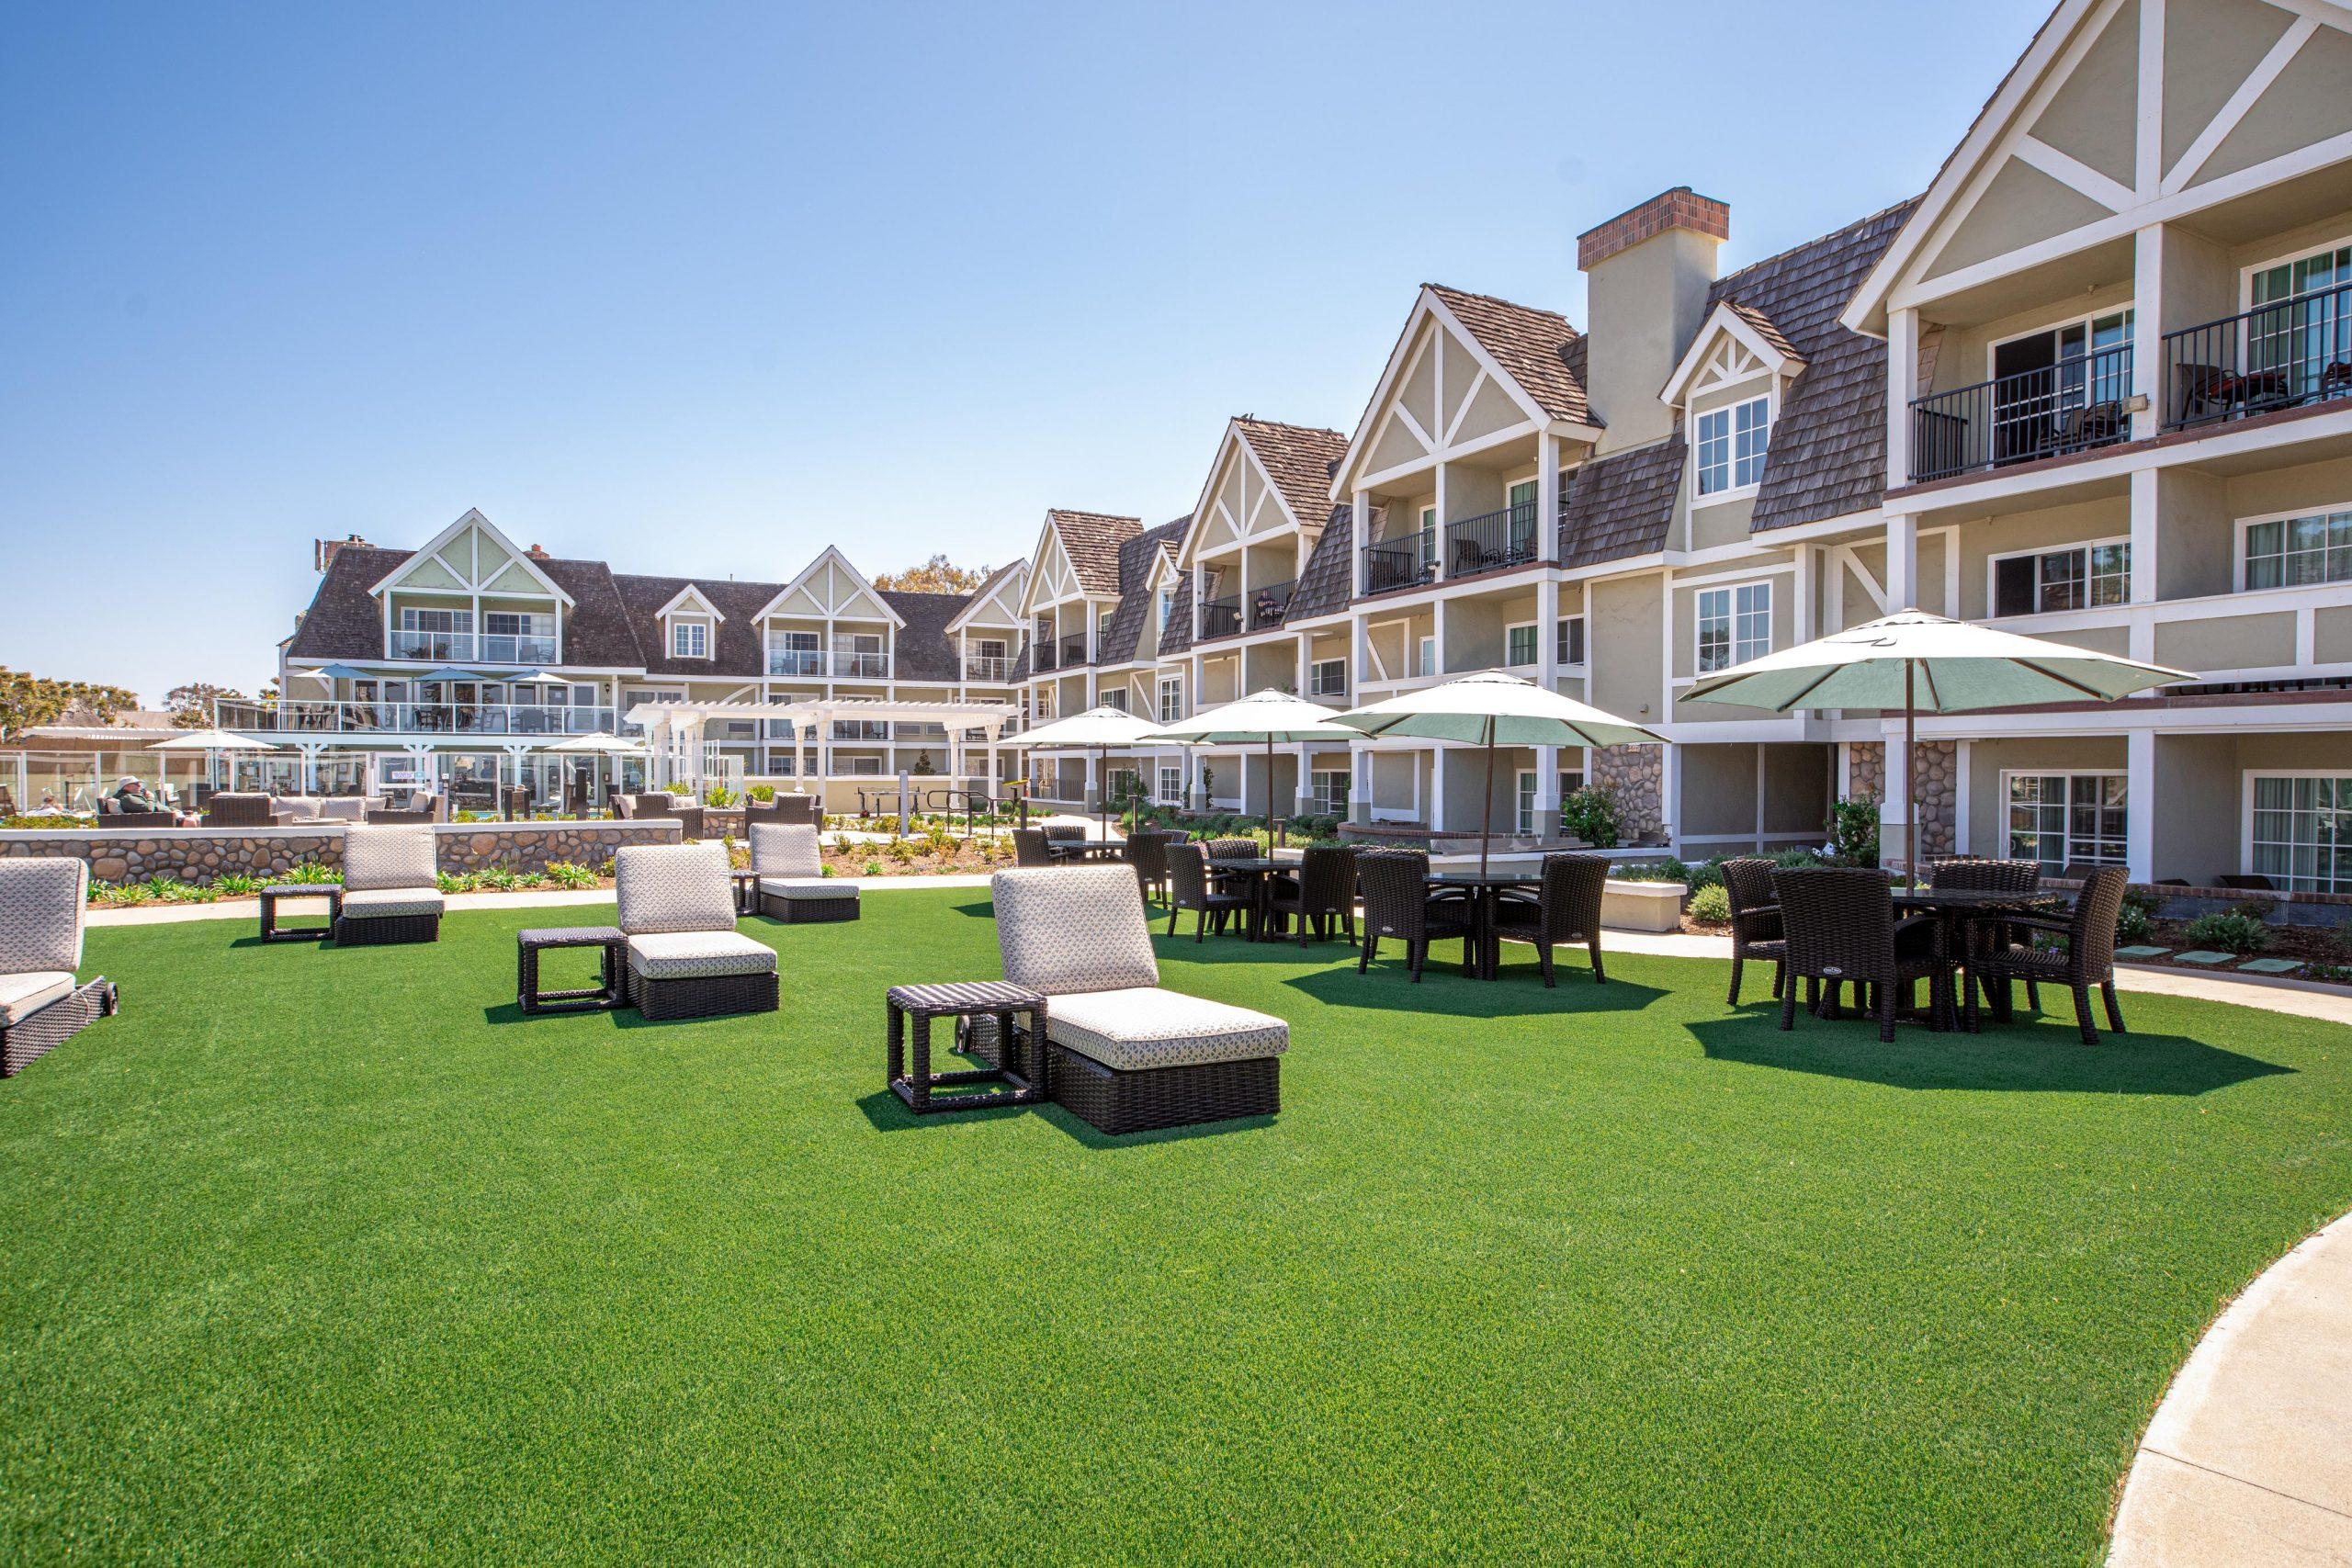 Hotel Resort Courtyard Lounge Furniture